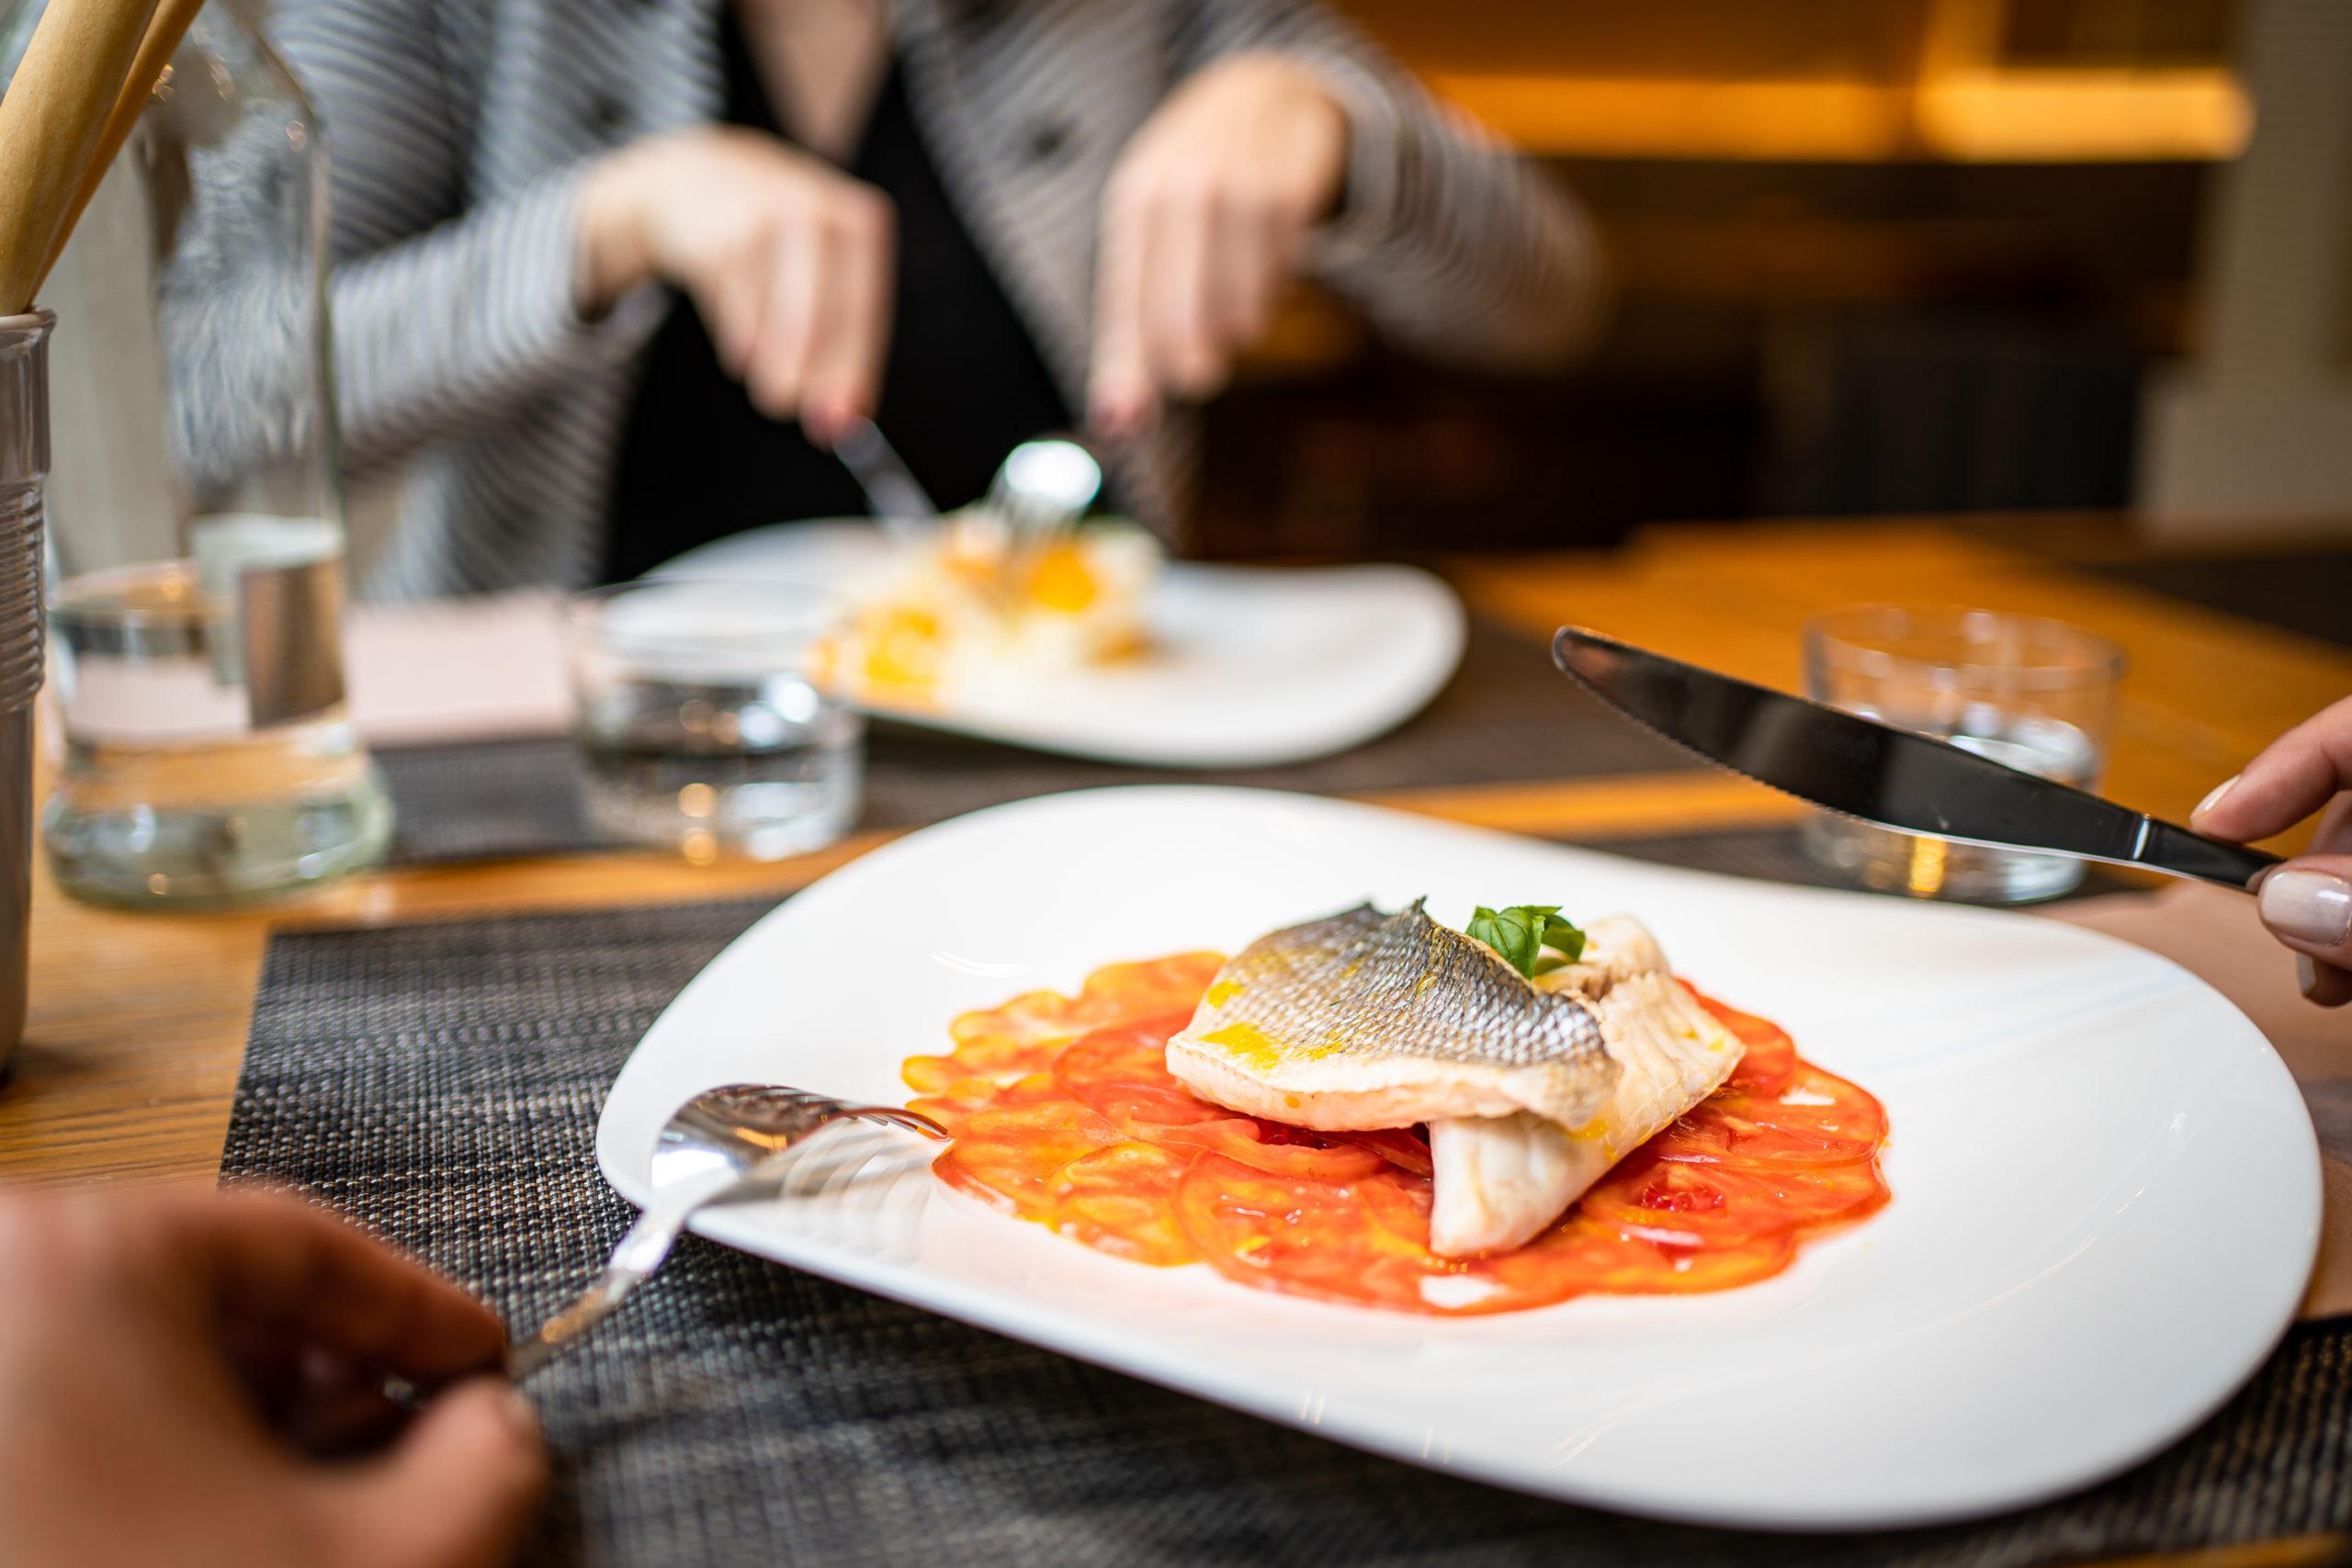 persone che mangiano piatto di pesce a tavola